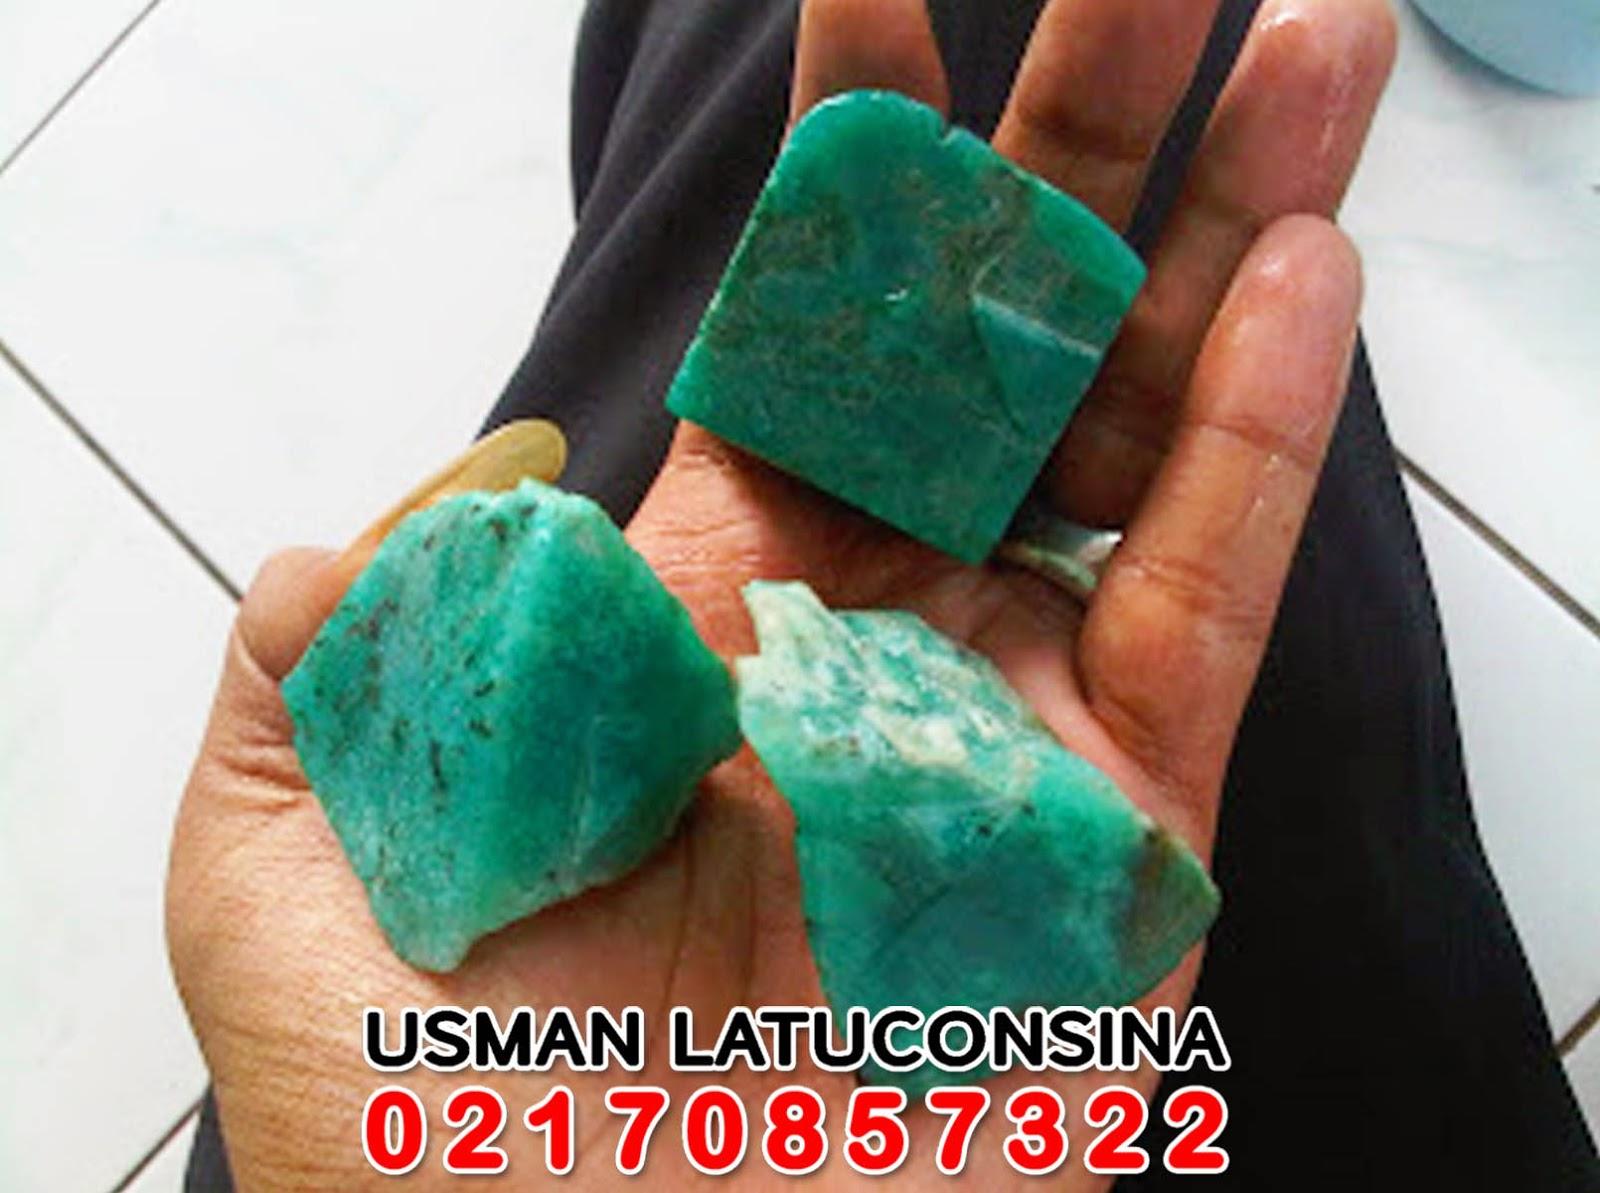 ... bisori adalah jenis batu bacan Perbedaan Bacan Garut Dan Bacan Ambon